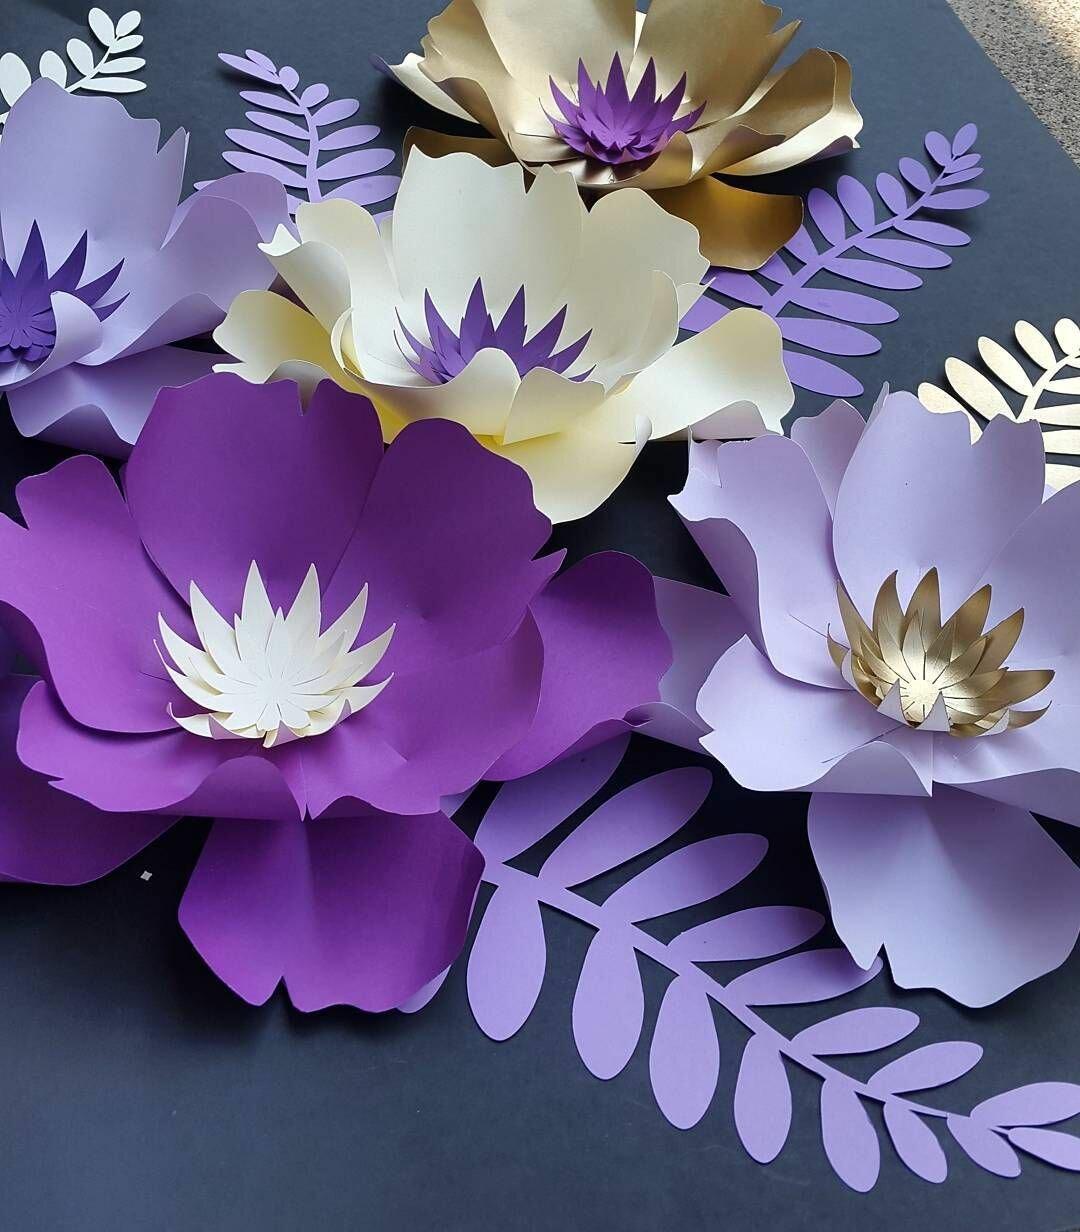 основным красивые бумажные цветы картинки правой кнопкой